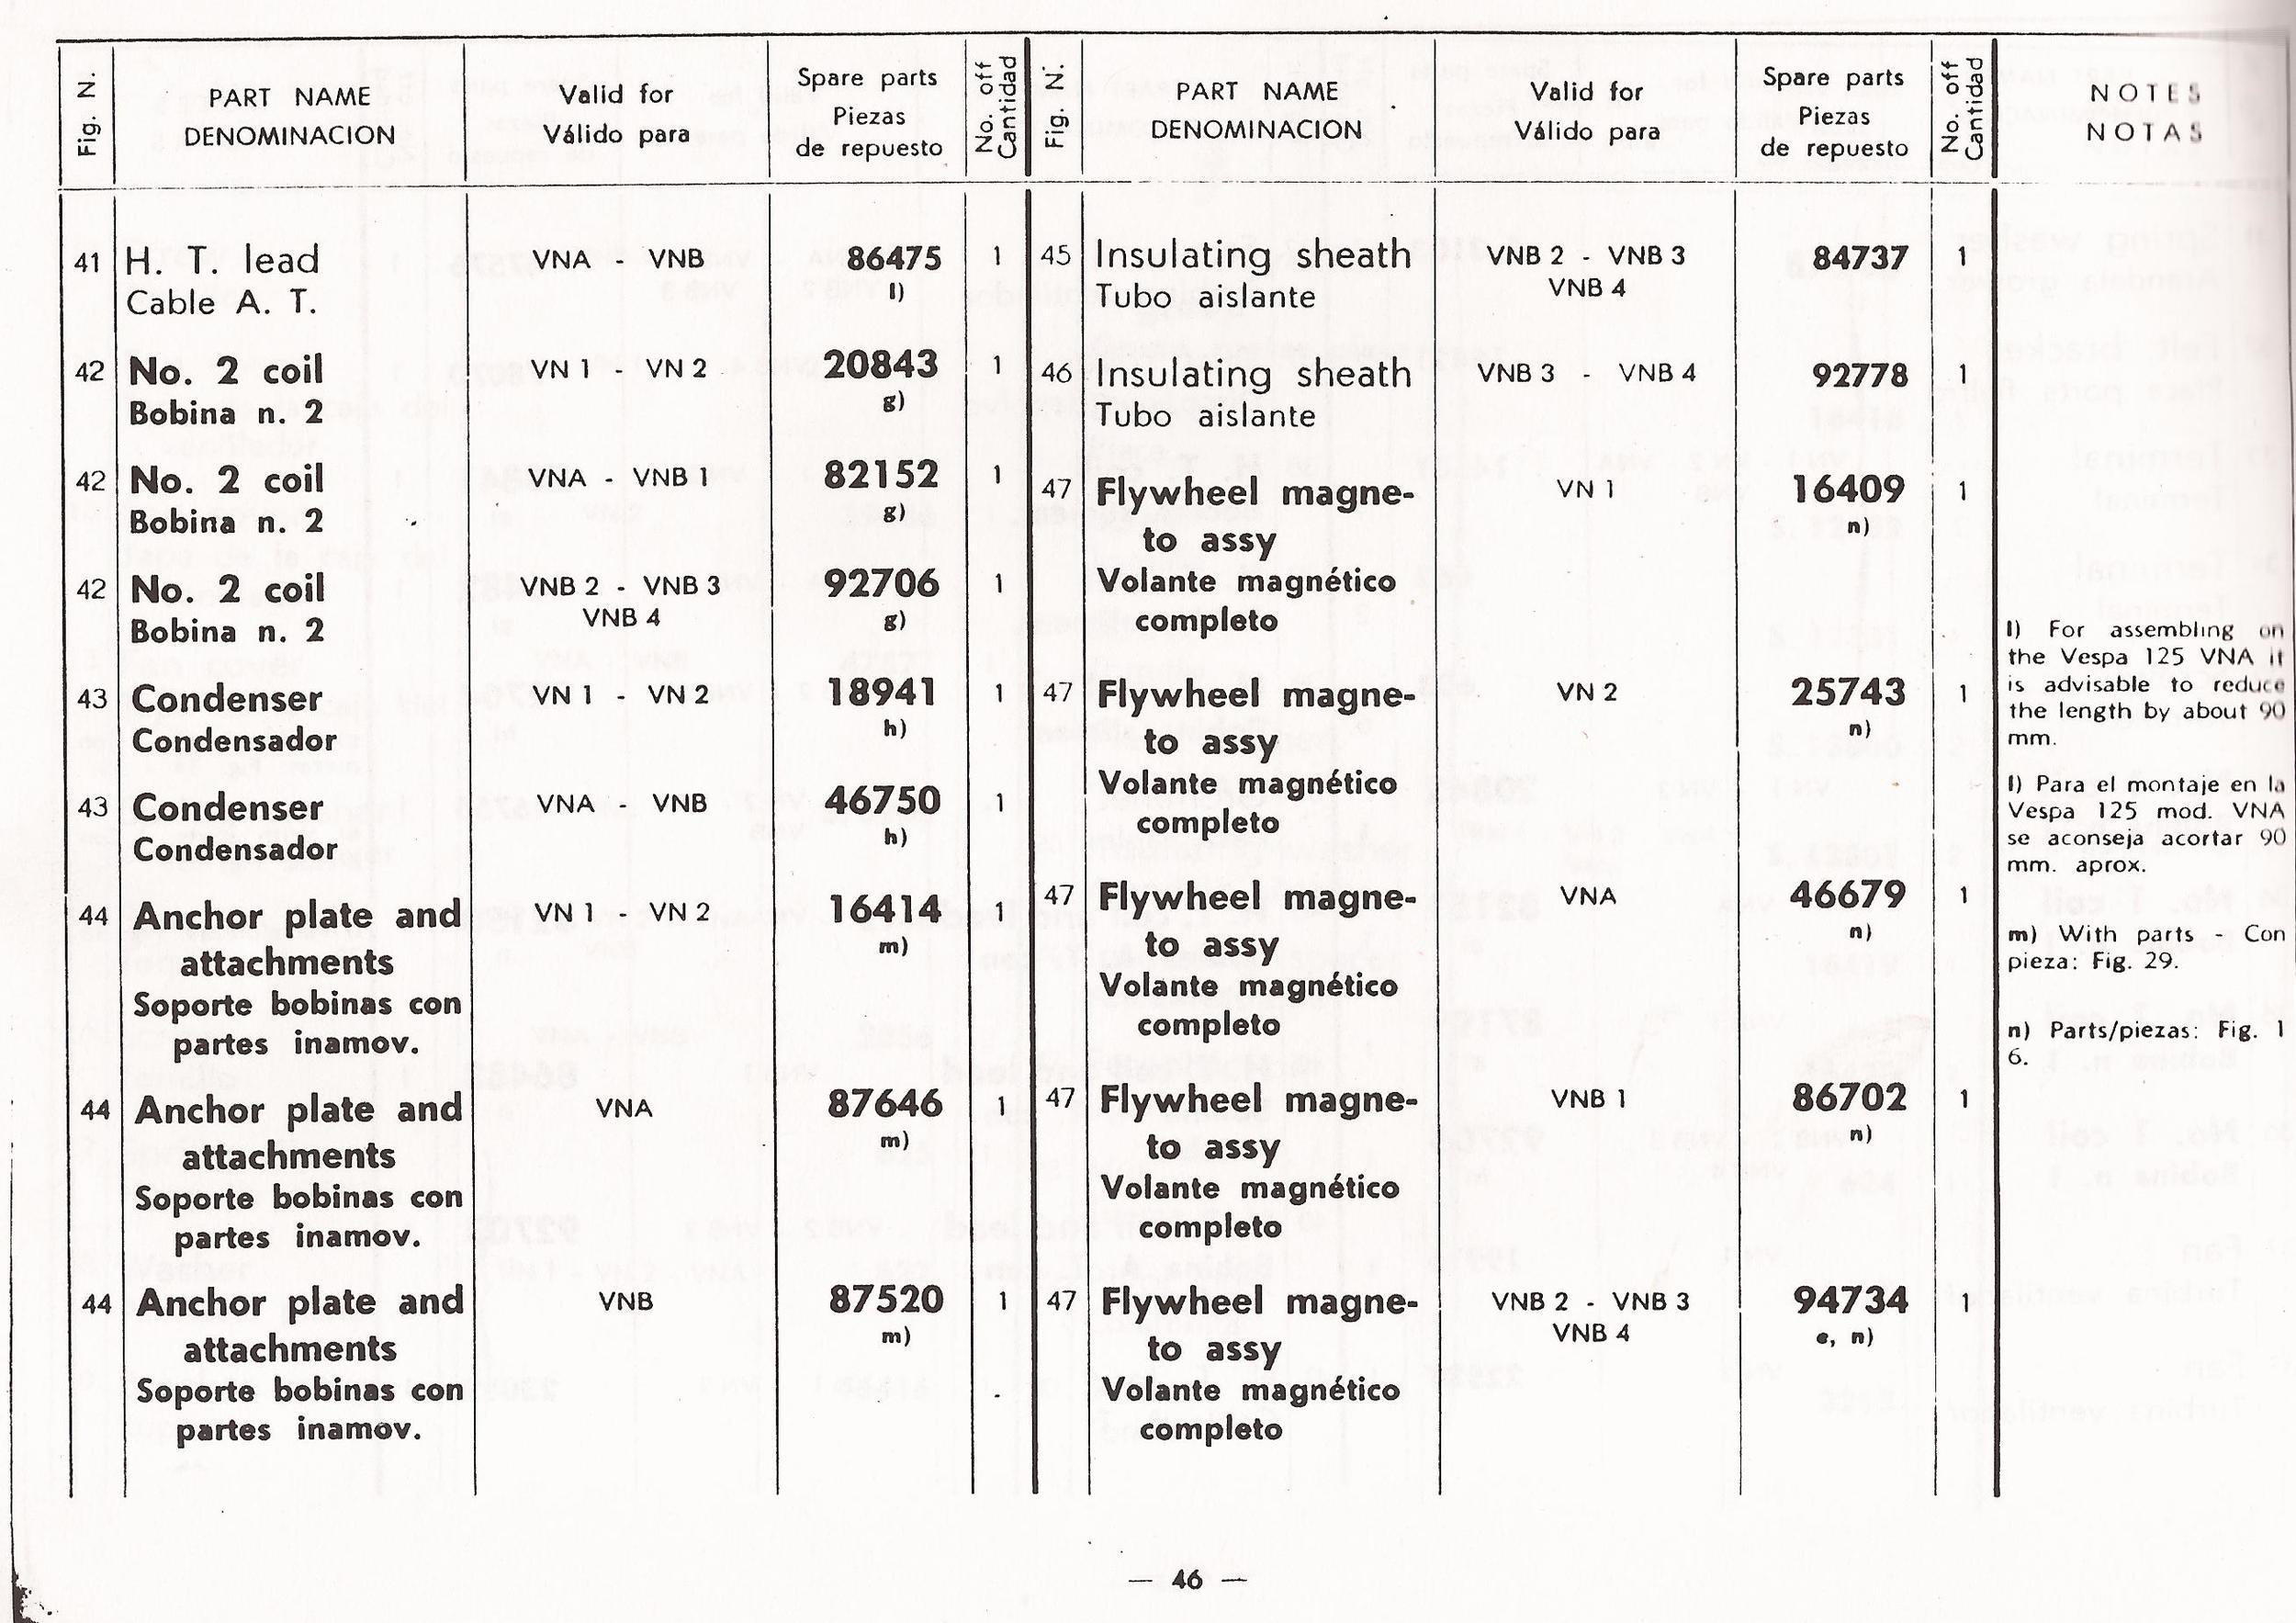 Vespa 125 Spare Parts VN1 VN2 VNA1 VNA2 VNB1 VNB2 VNB3 VNB4